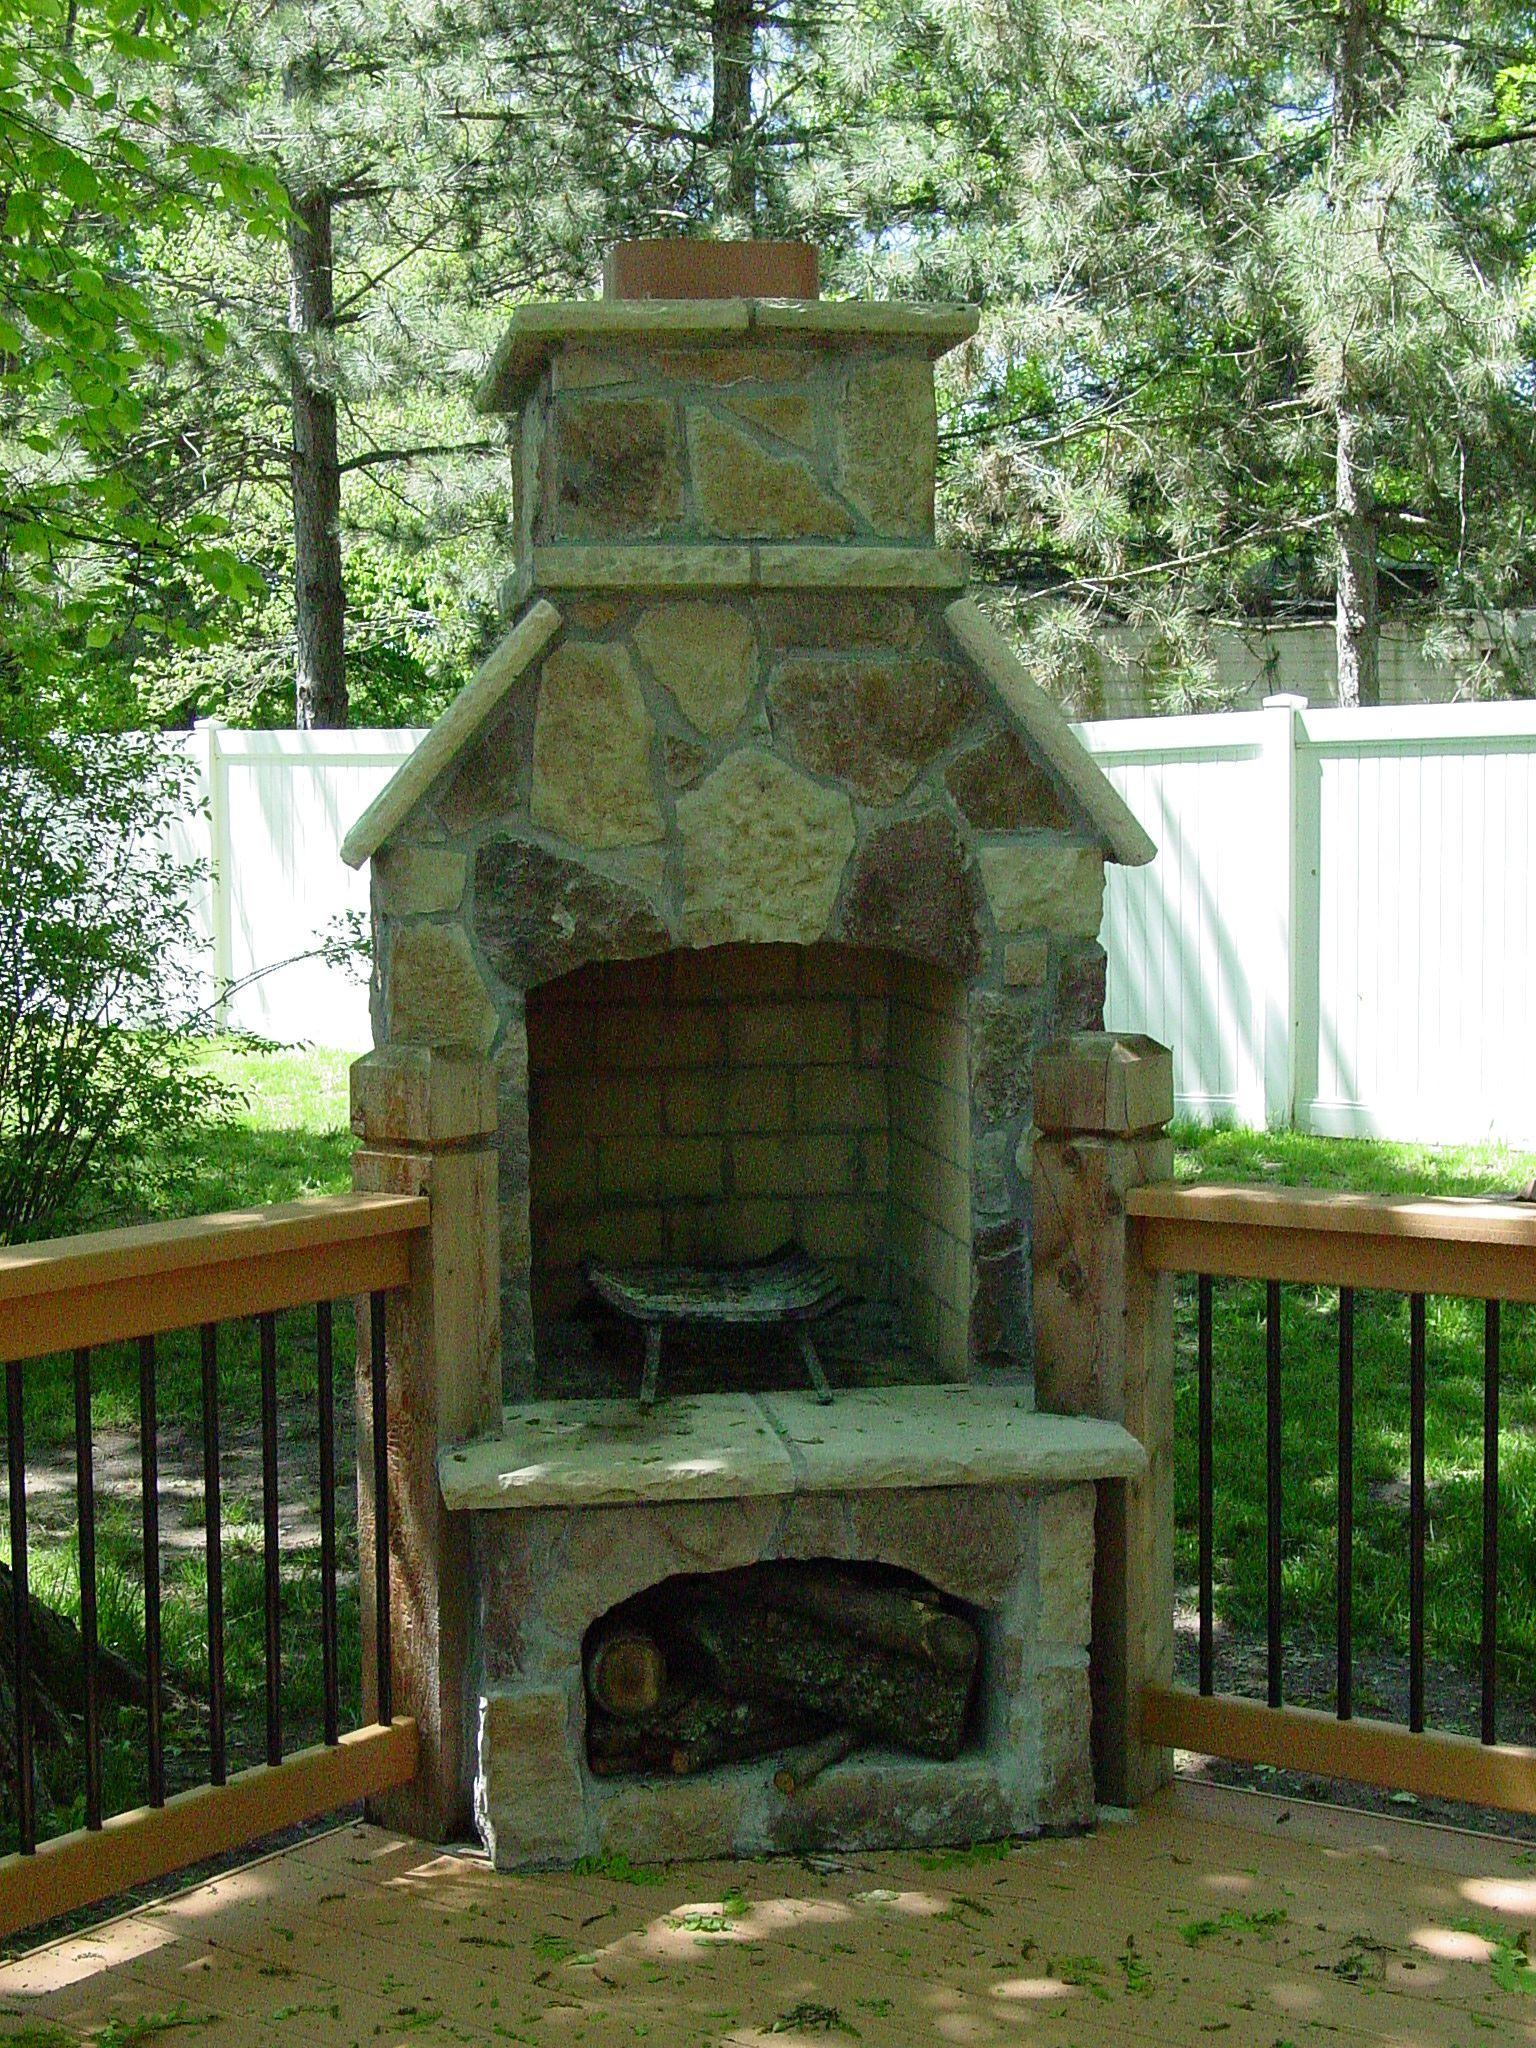 Masonry Kansas City Deck Builder Dw Decks Outdoor Fireplace Plans Deck Fireplace Outdoor Remodel